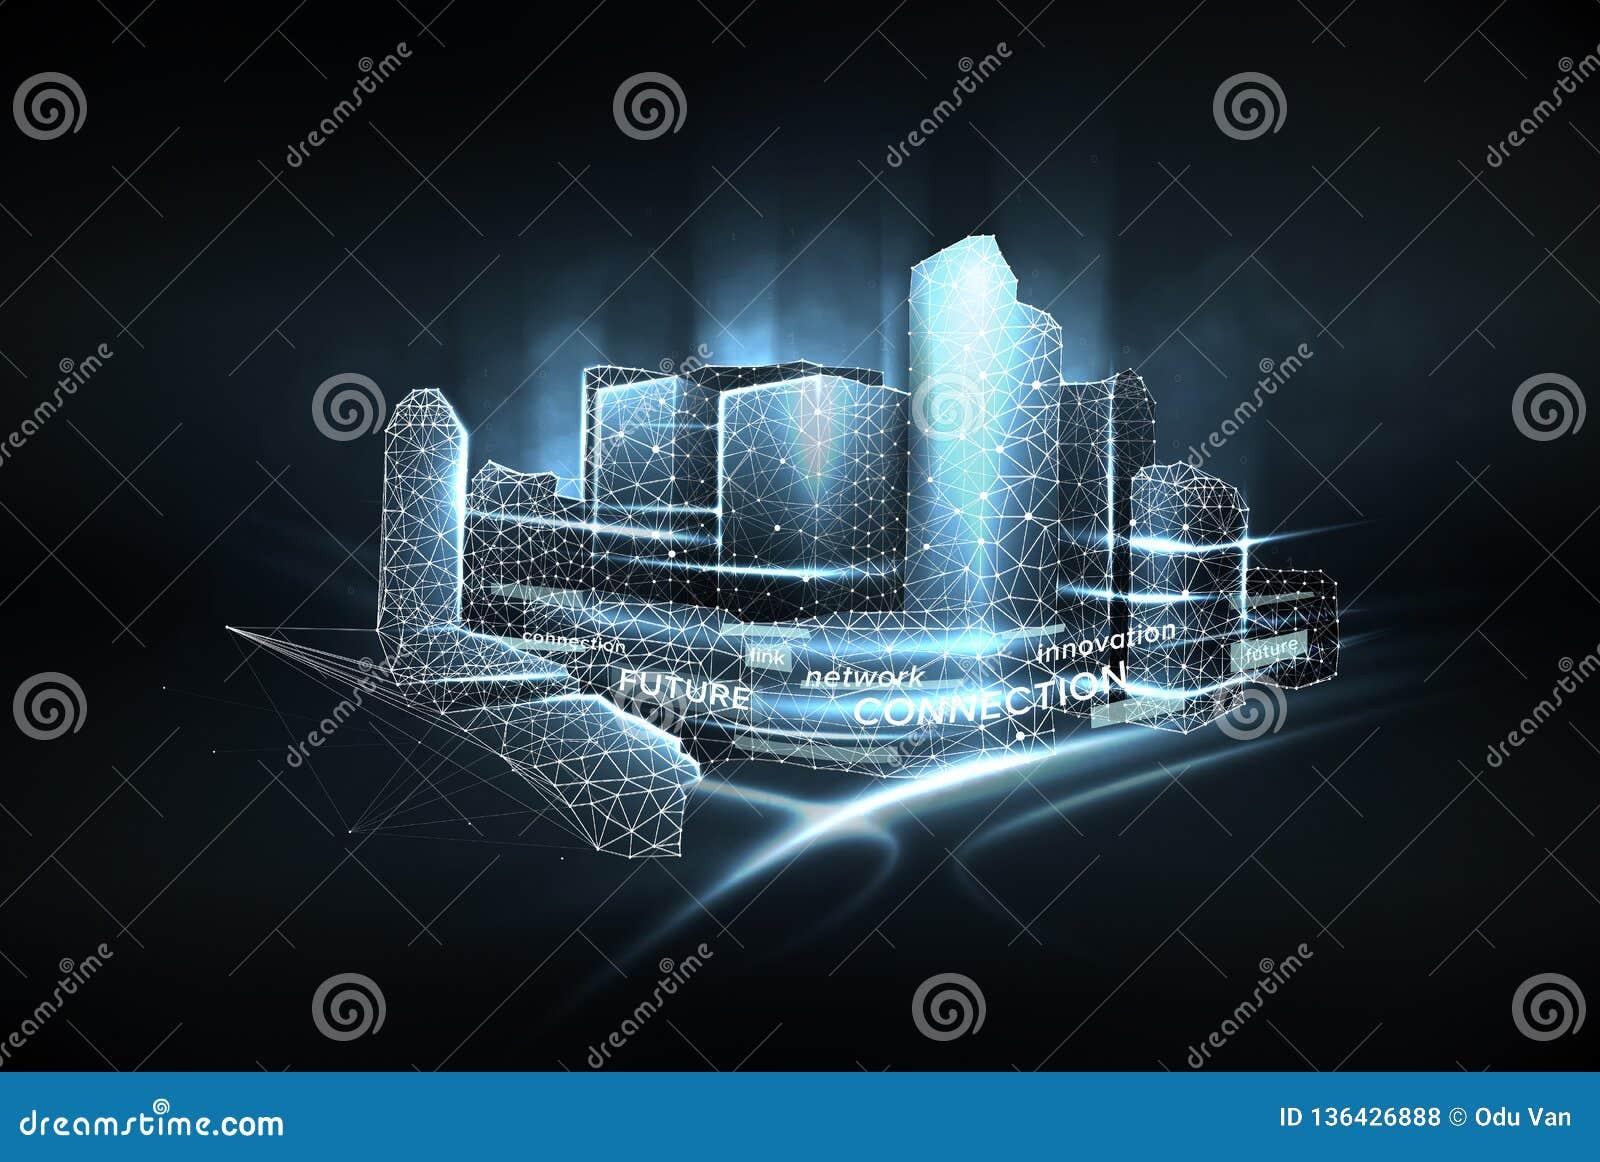 城市低多wireframe 聪明的城市网络、互联网通信和数字交通运输管理系统的概念